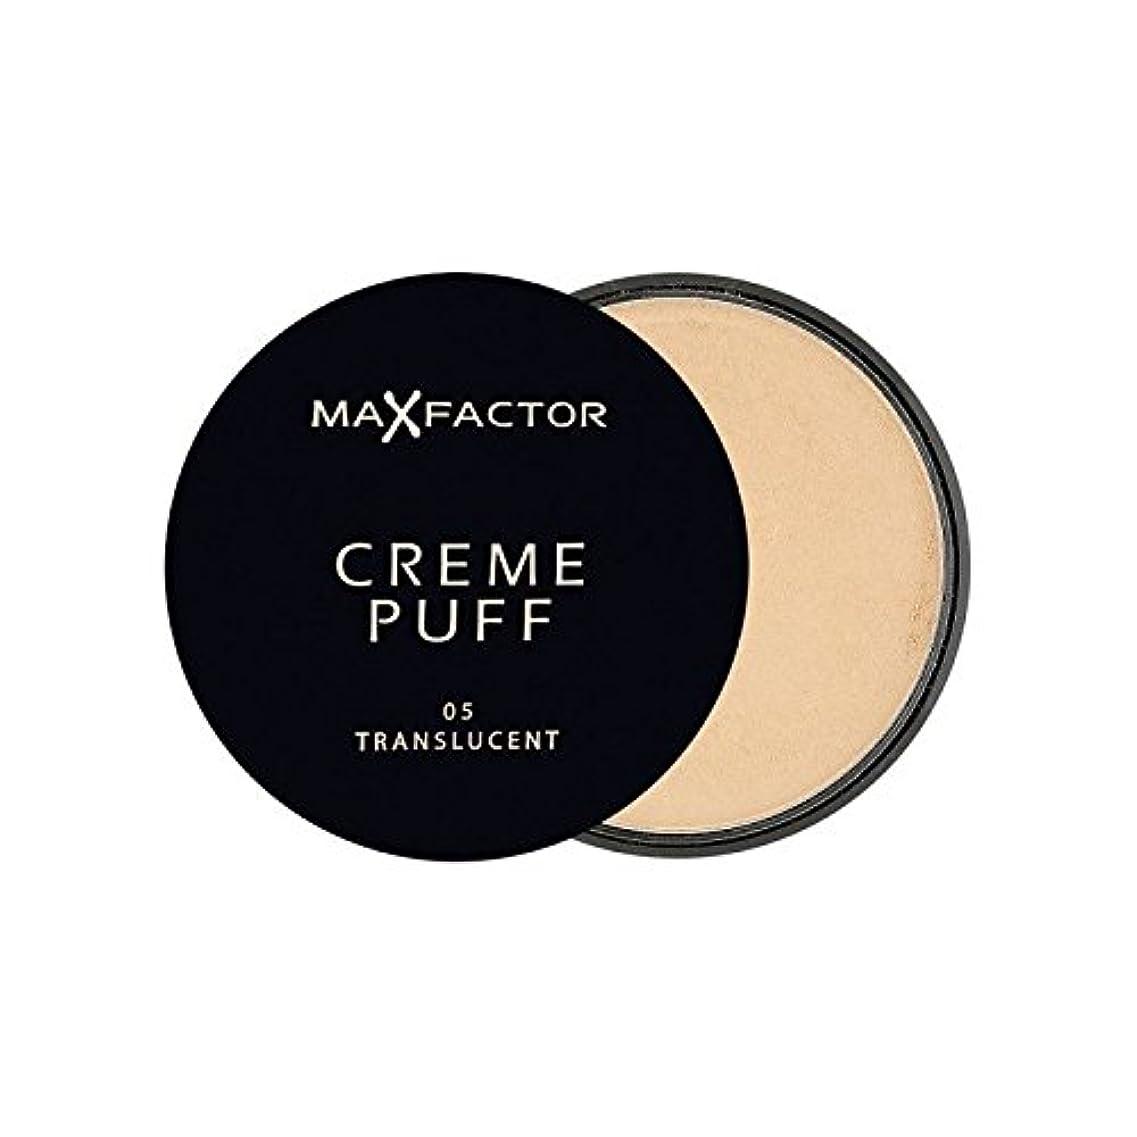 シンジケート水分かろうじてマックスファクタークリームパフパウダーコンパクト半透明5 x4 - Max Factor Creme Puff Powder Compact Translucent 5 (Pack of 4) [並行輸入品]